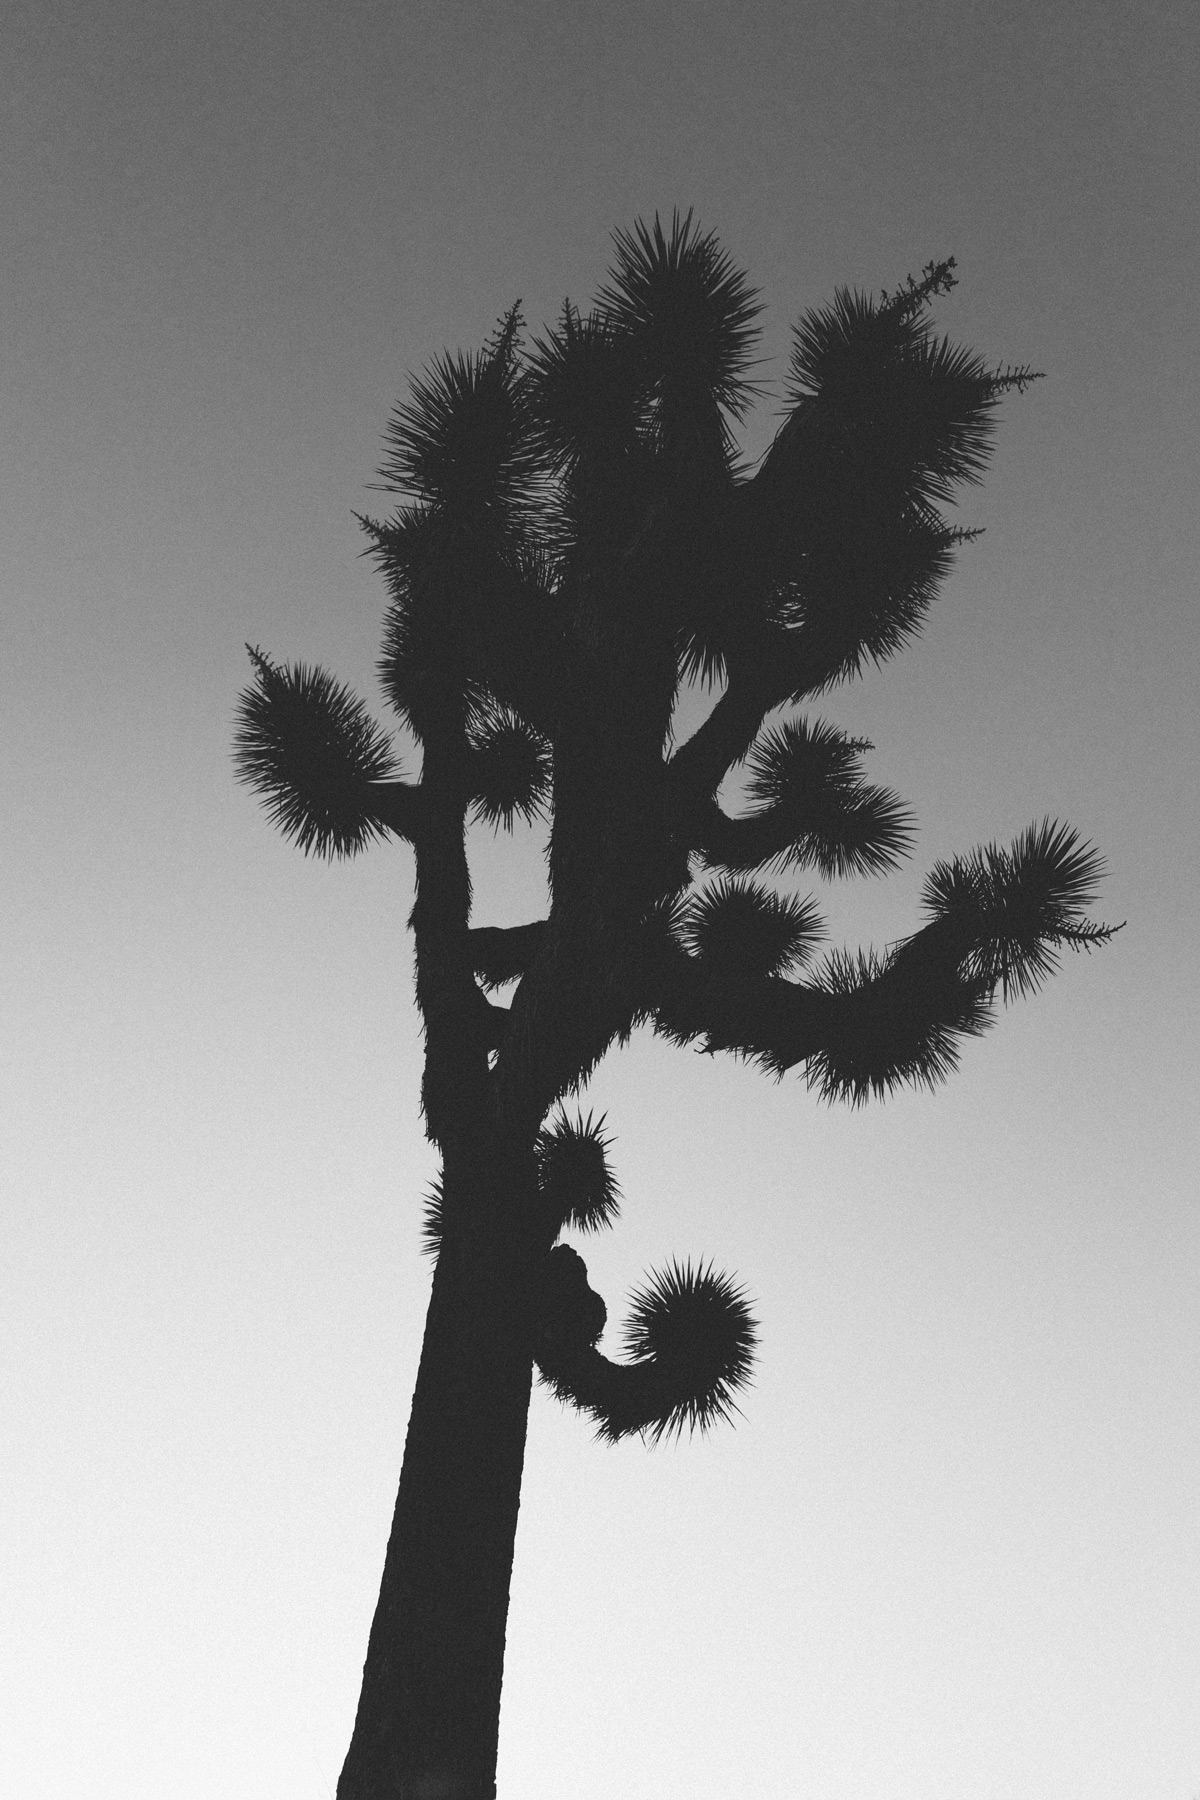 scott-snyder-photo-joshua-tree-08.jpg